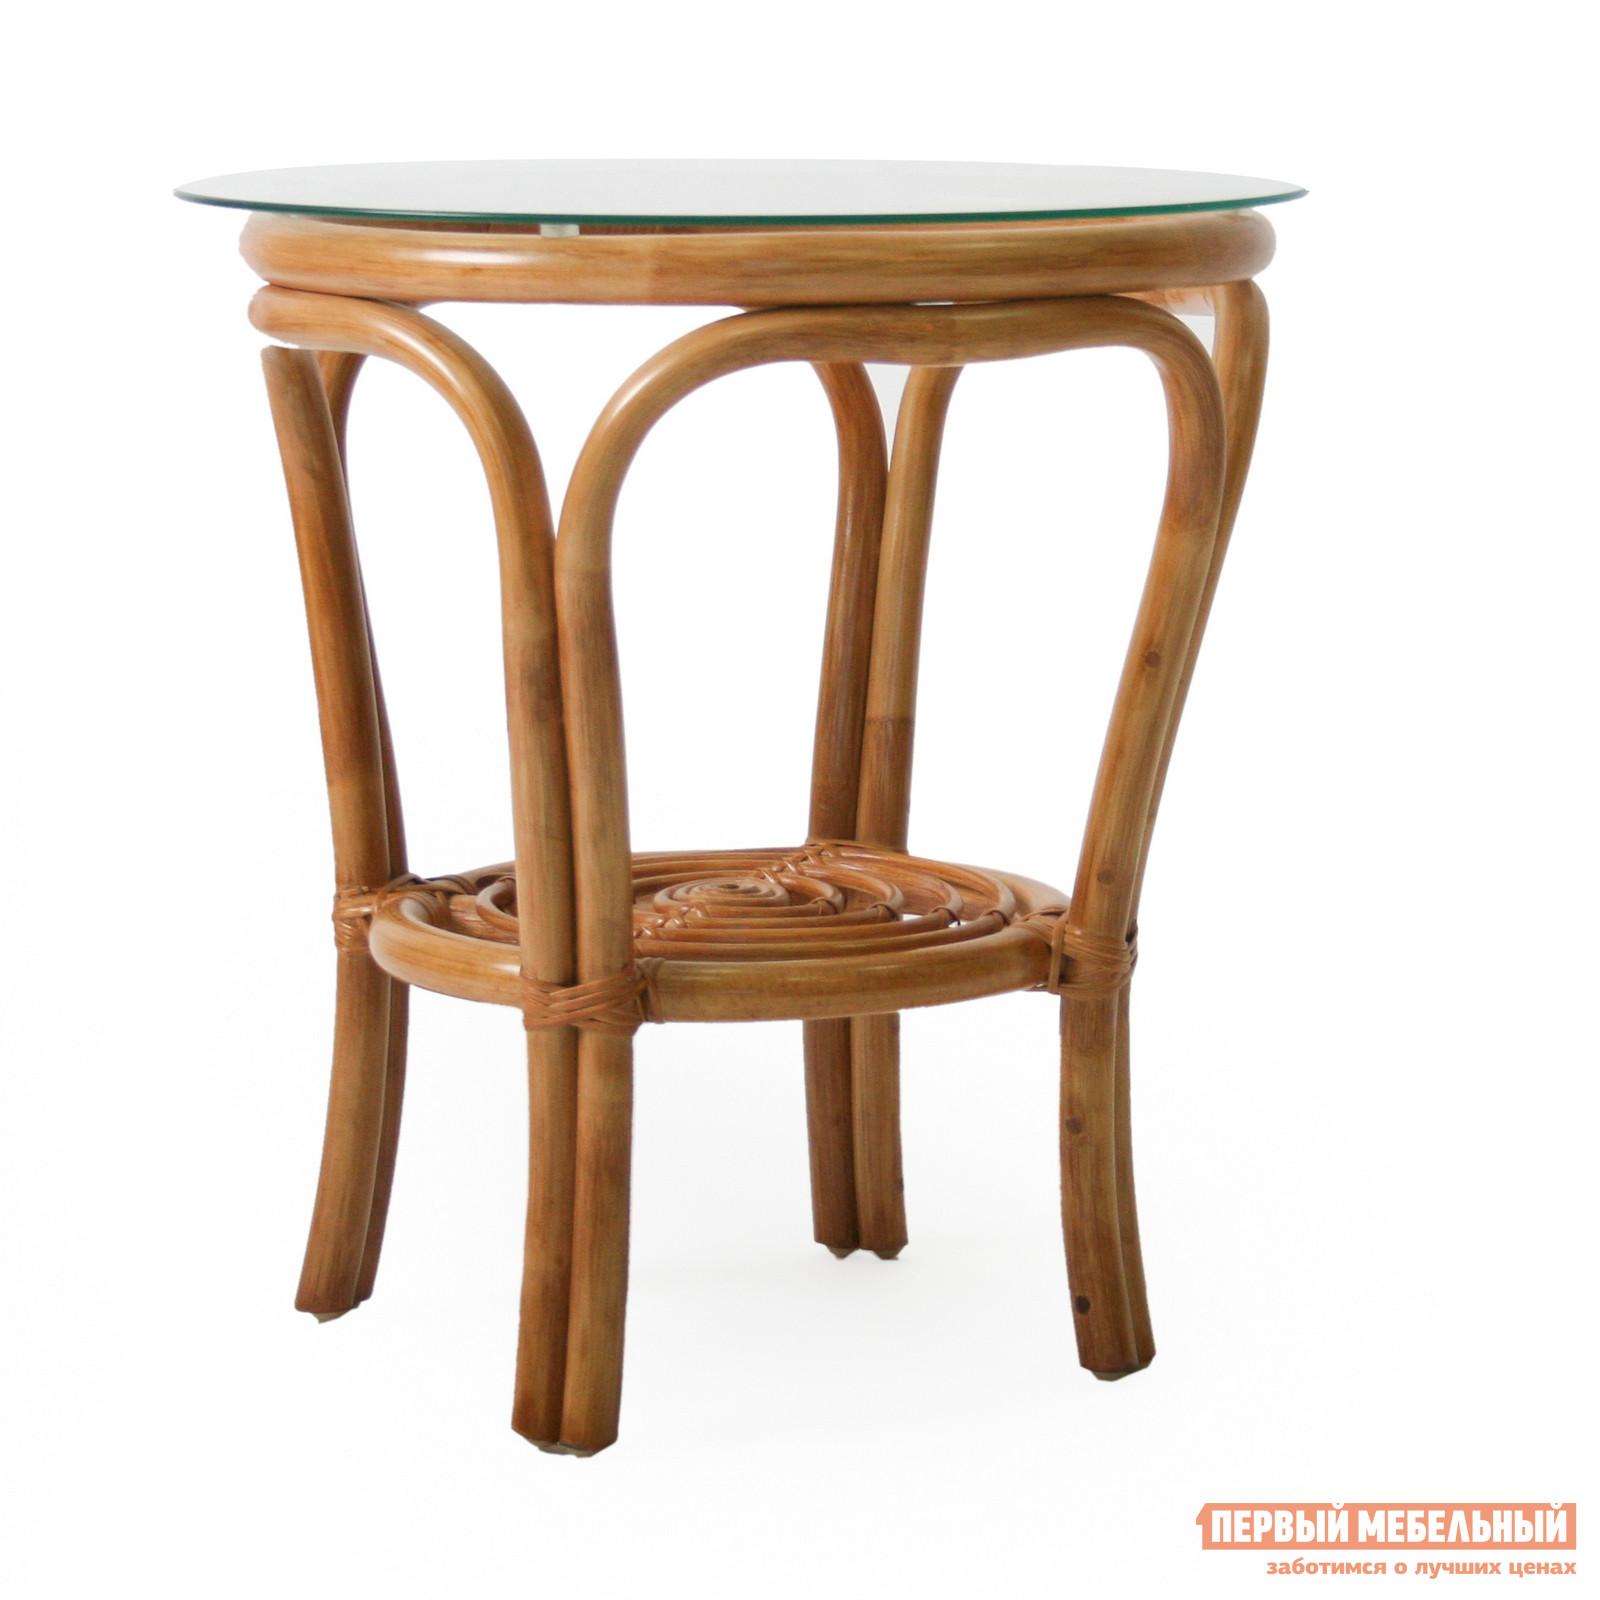 Журнальный столик Мебель Импэкс Журнальный столик Bali со стеклом